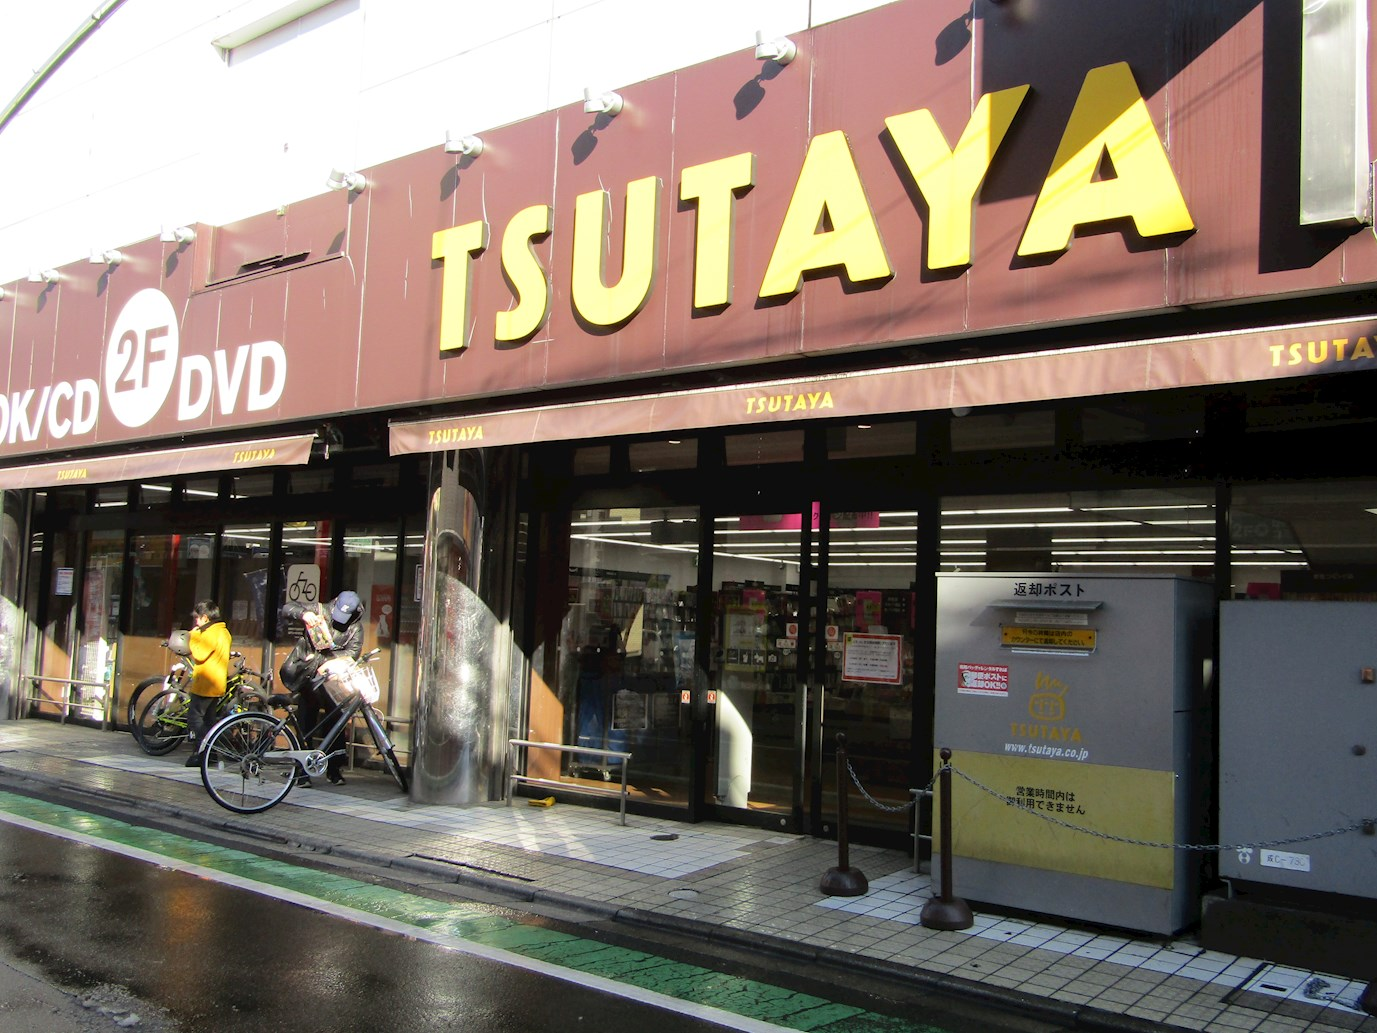 ショッピング施設:TSUTAYA 祖師谷大蔵店 178m